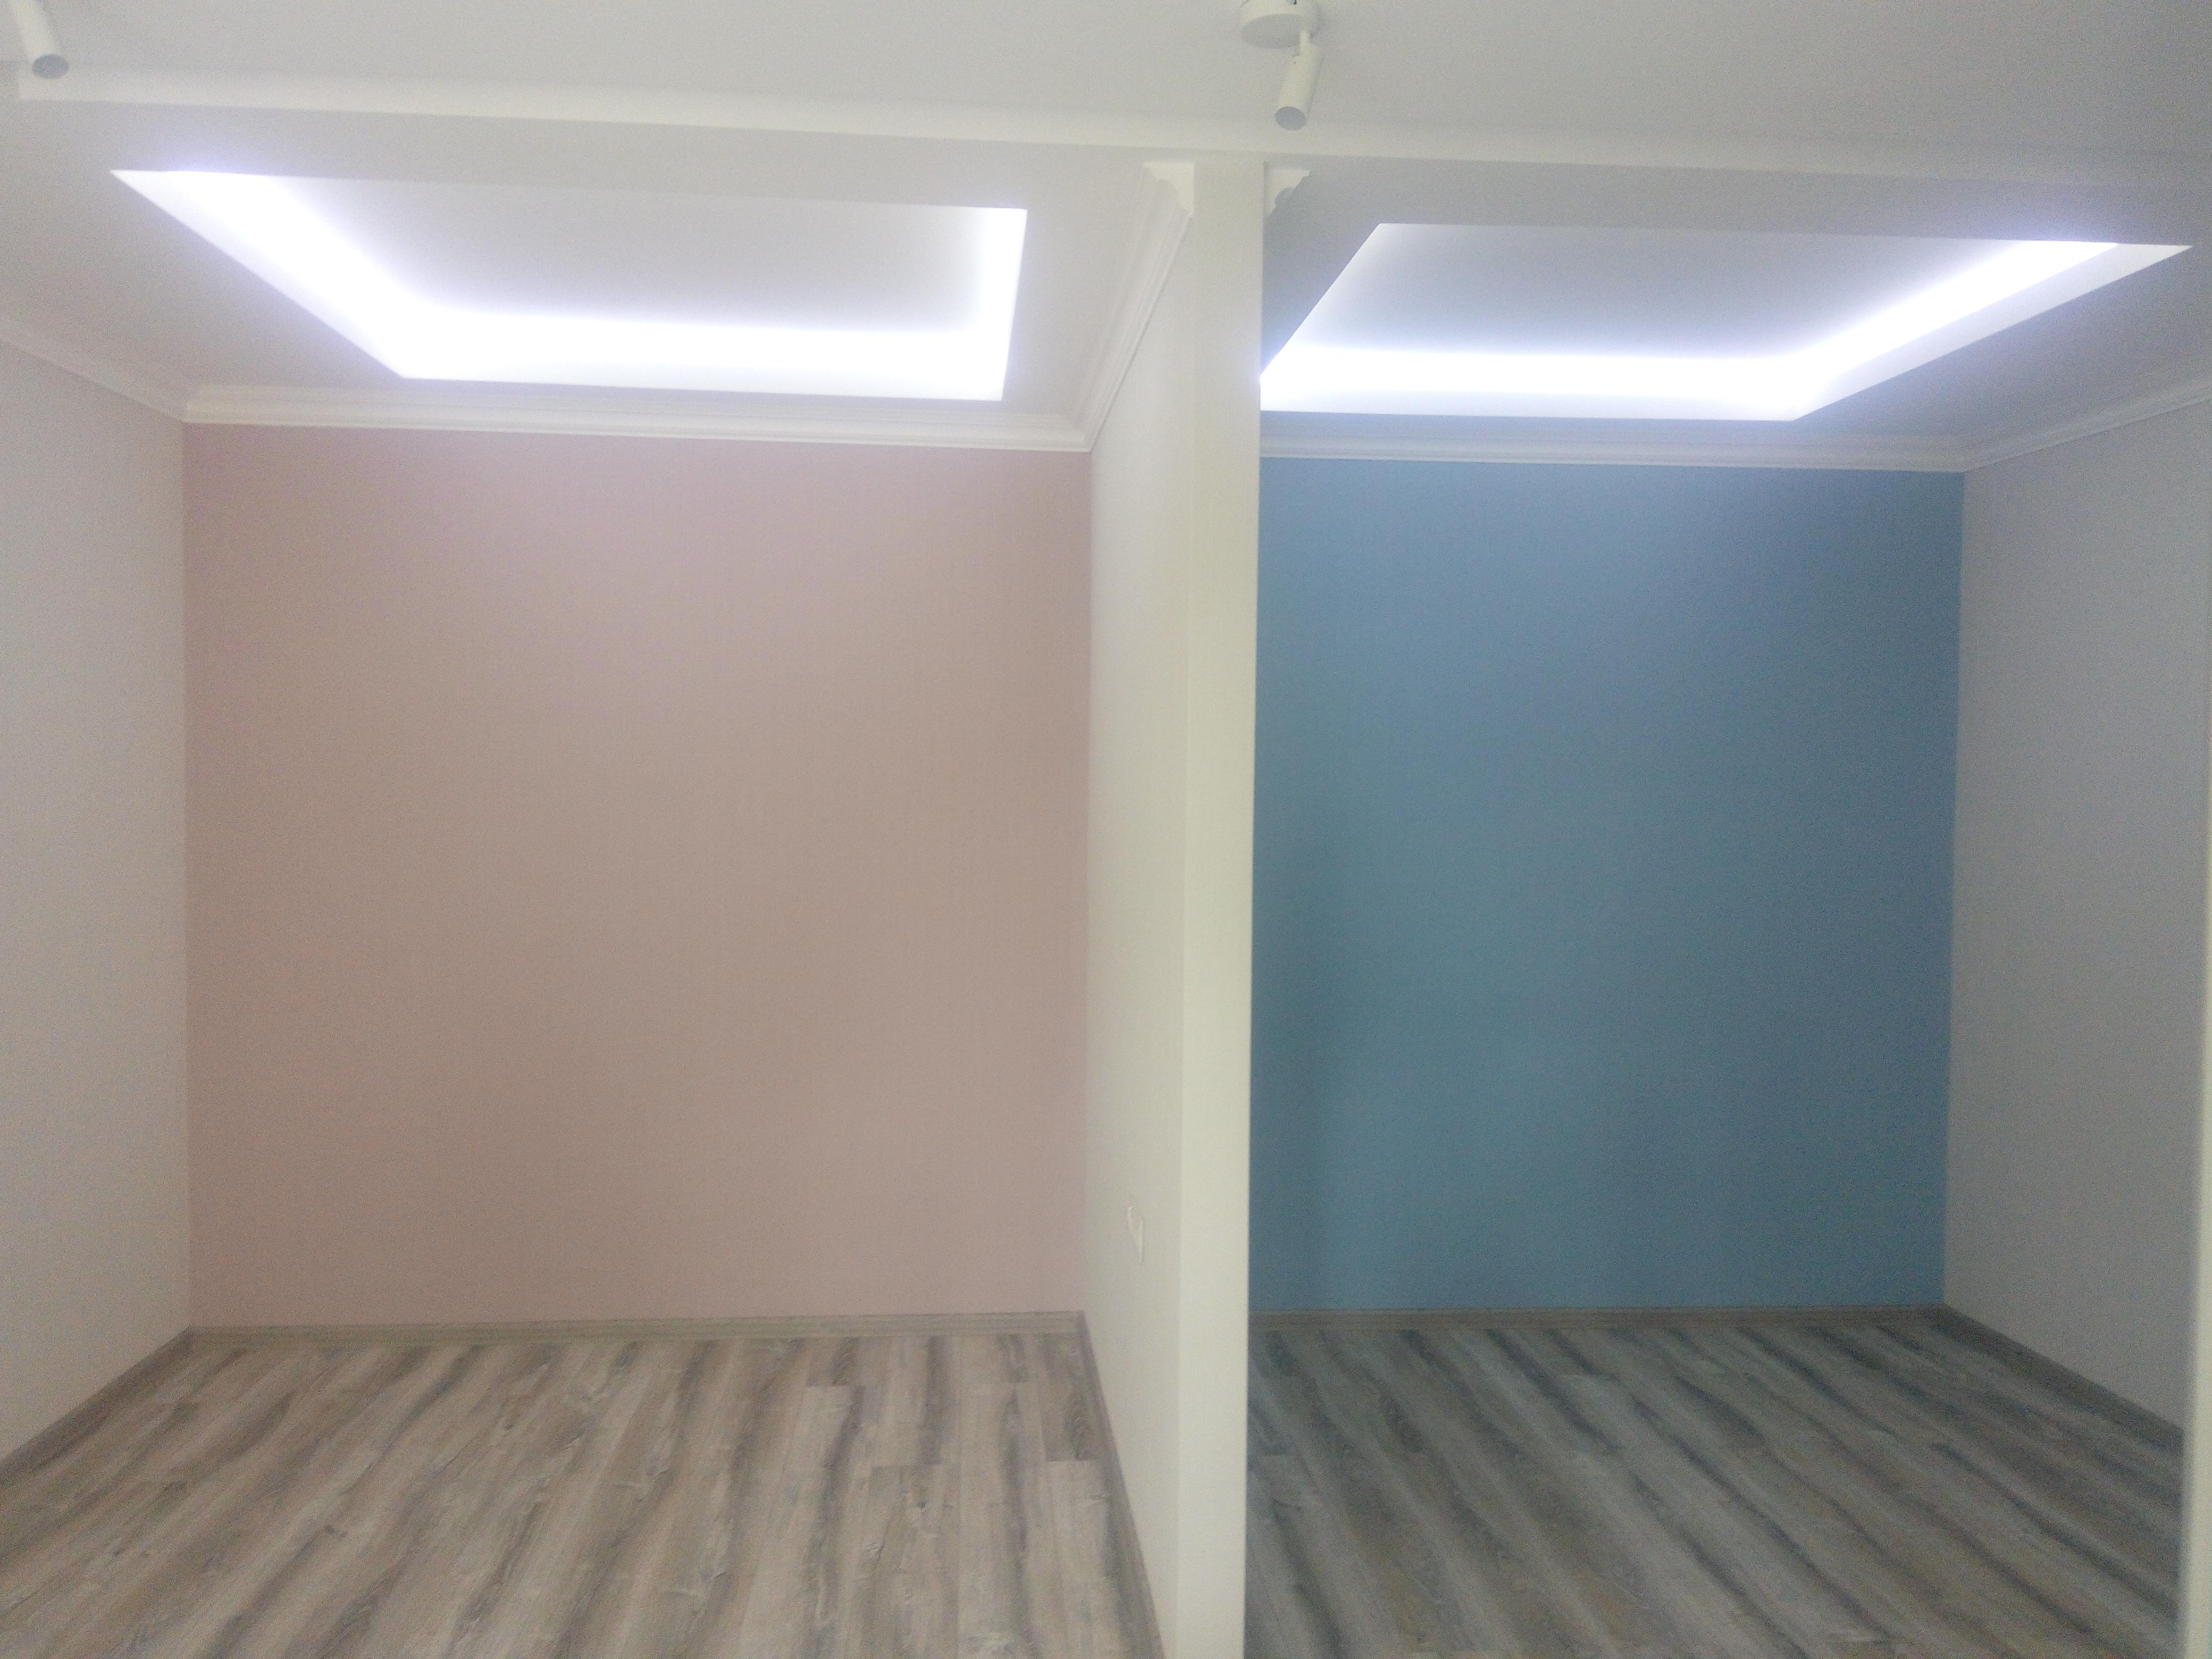 Фото Стяжка, монтаж электрики, штукатурка, шпаклевка, укладка ламината, покраска стен, перегородки и потолки из гипсокартона.